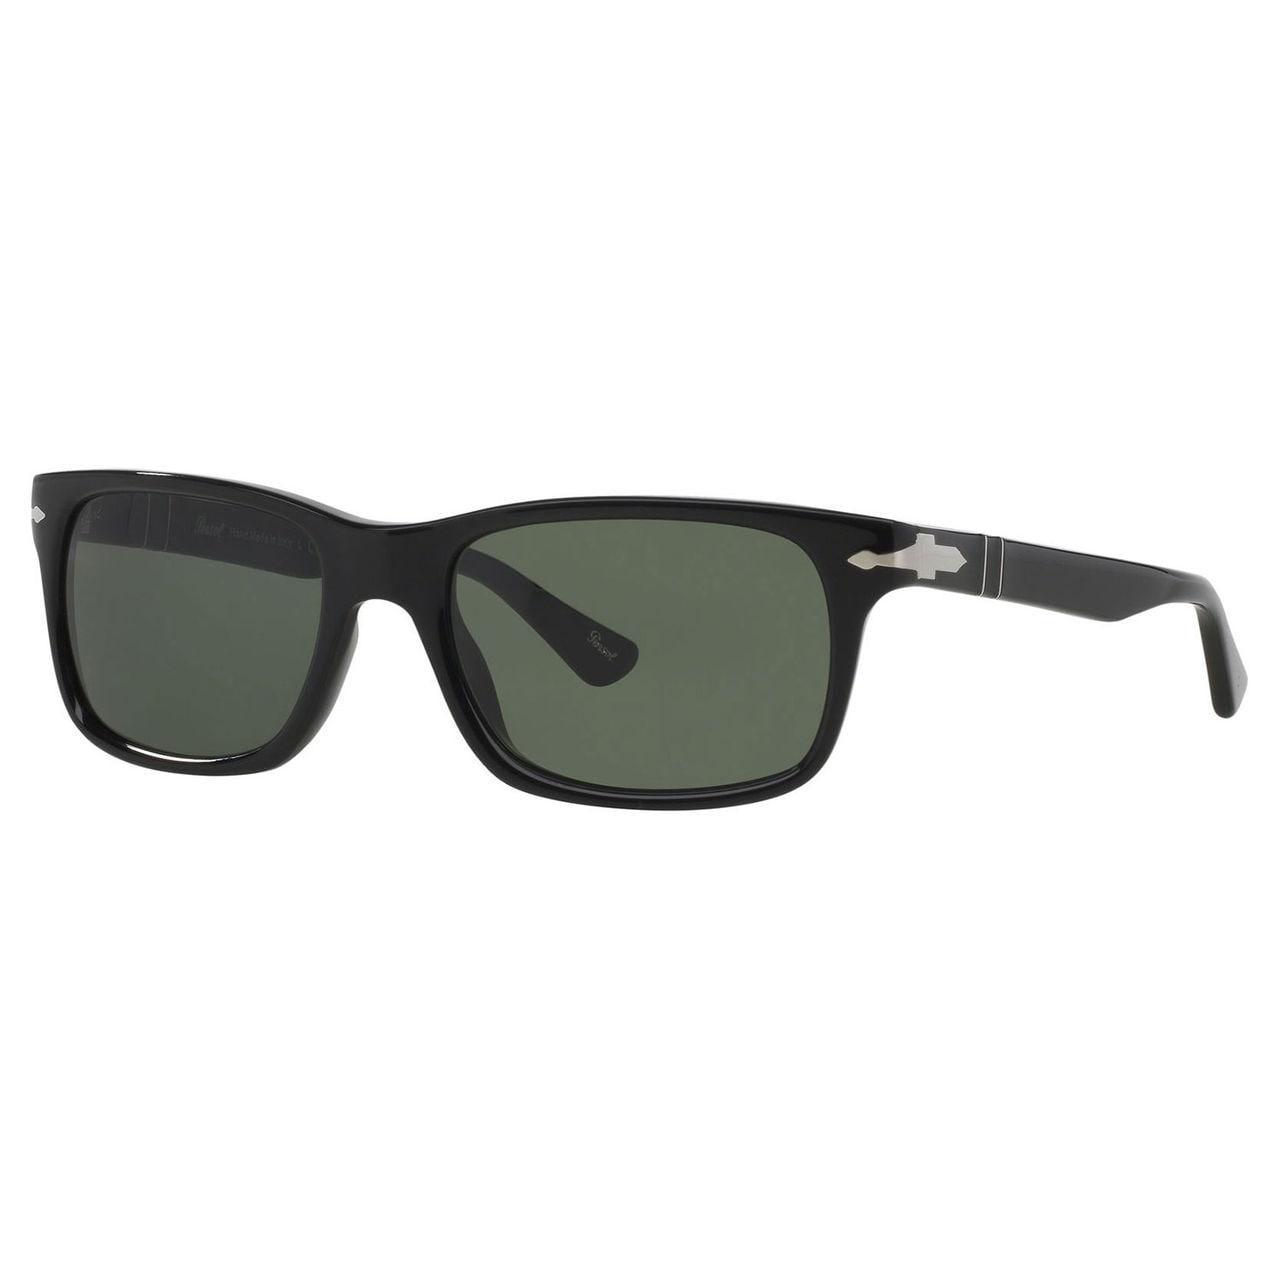 960ca0f829 Shop Persol Men s PO3048S Plastic Rectangle Sunglasses - Black ...